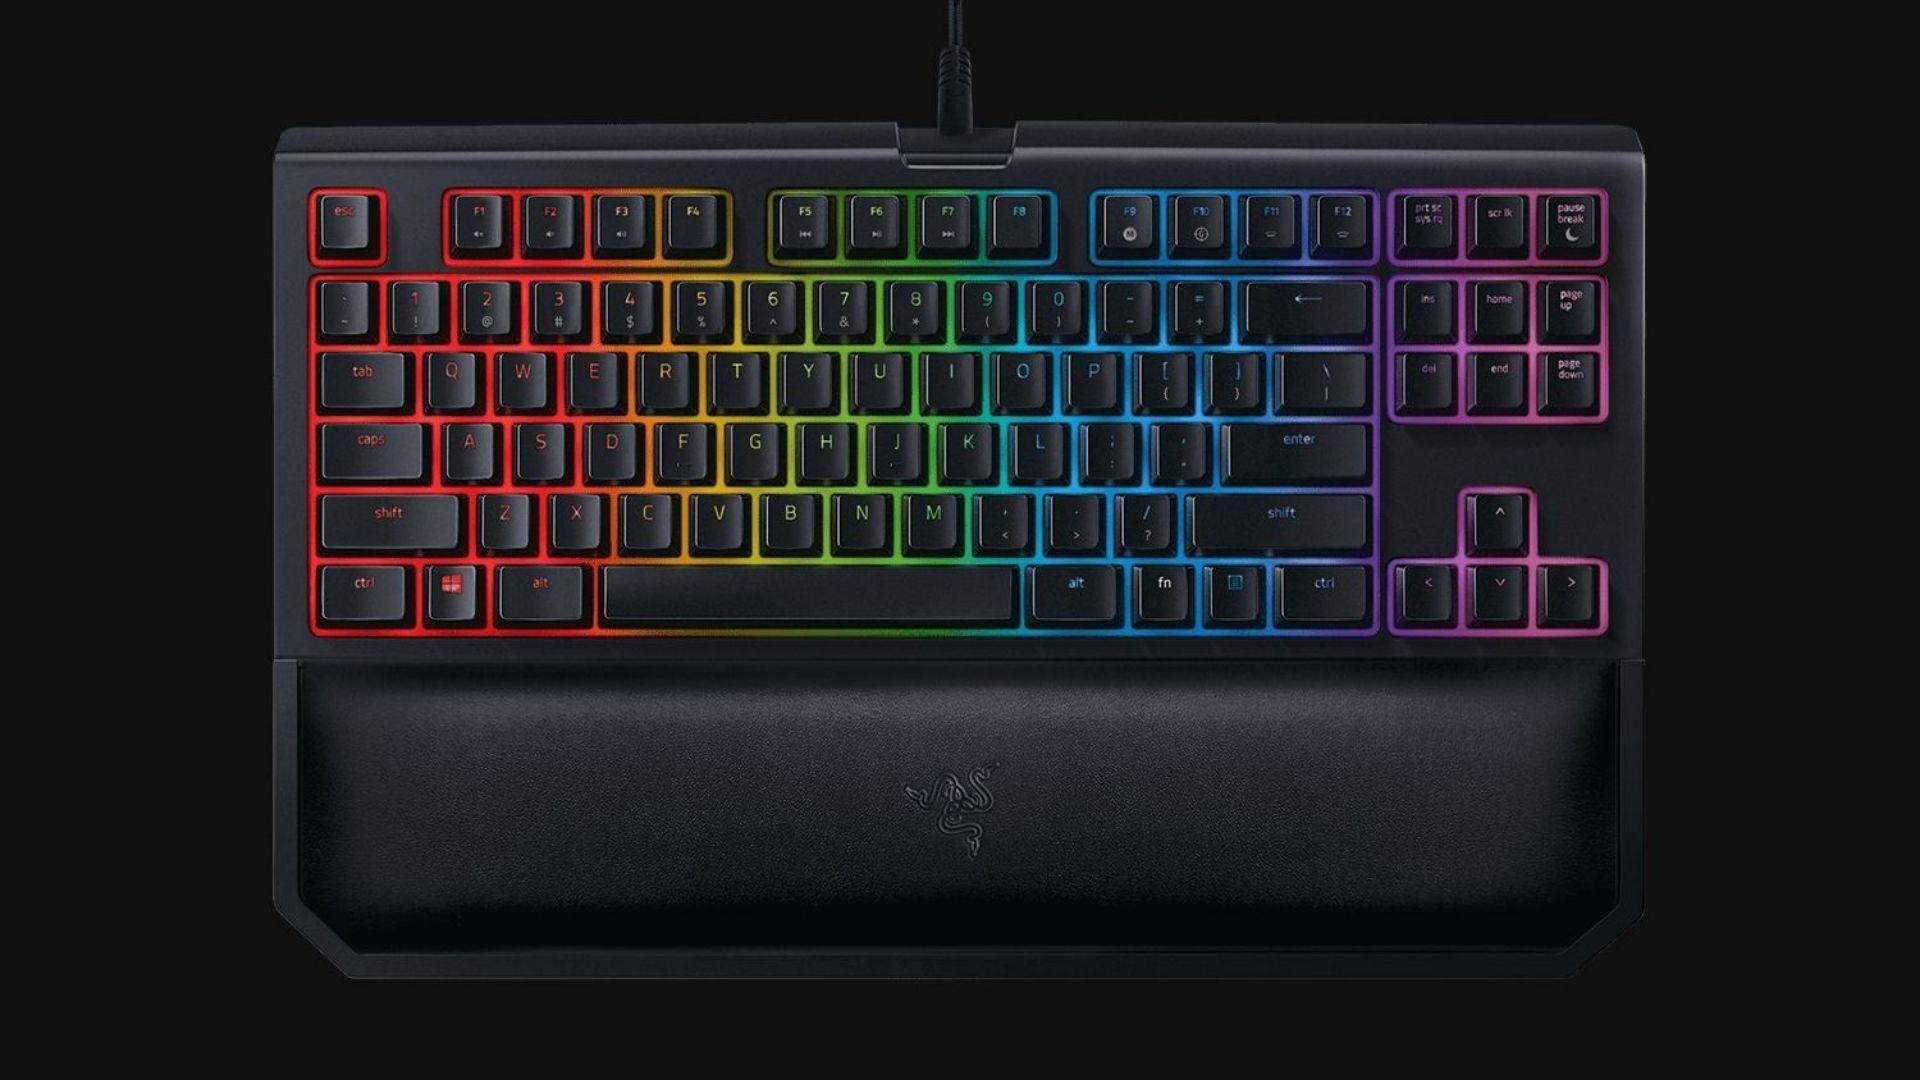 Imagem de divulgação do Teclado Mecânico Razer Blackwidow Tournament Chroma V2 com LEDs coloridos e fundo preto